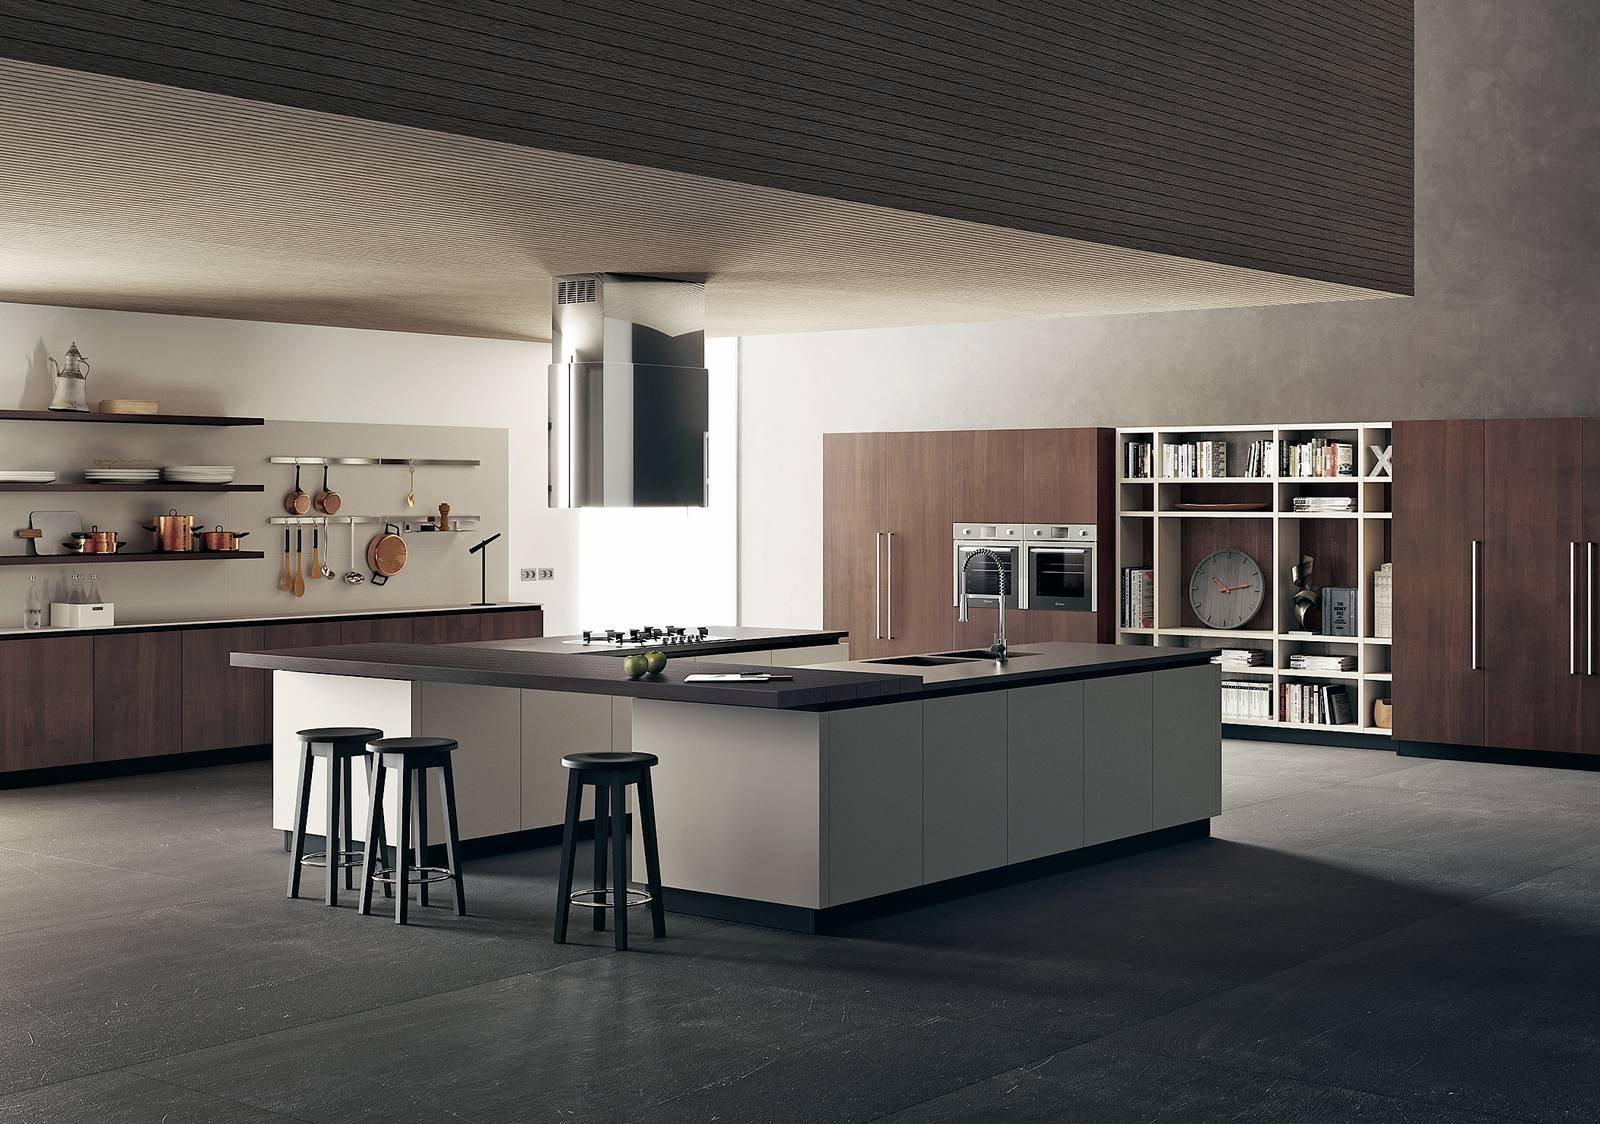 Top della cucina quale materiale scegliere per il piano - Top cucina laminato opinioni ...